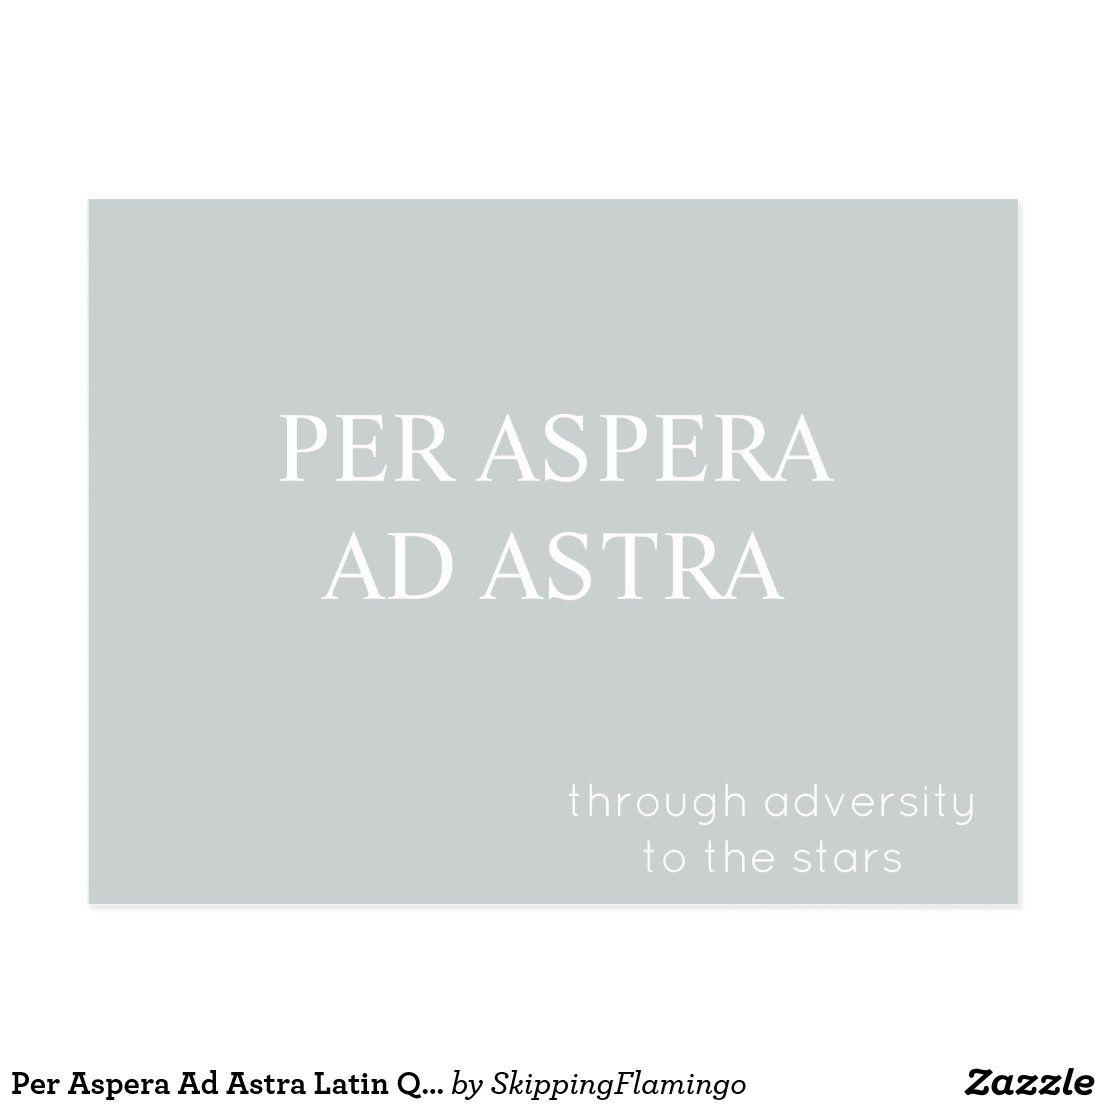 Per Aspera Ad Astra Latin Quote Postcard - Grey | Zazzle.com